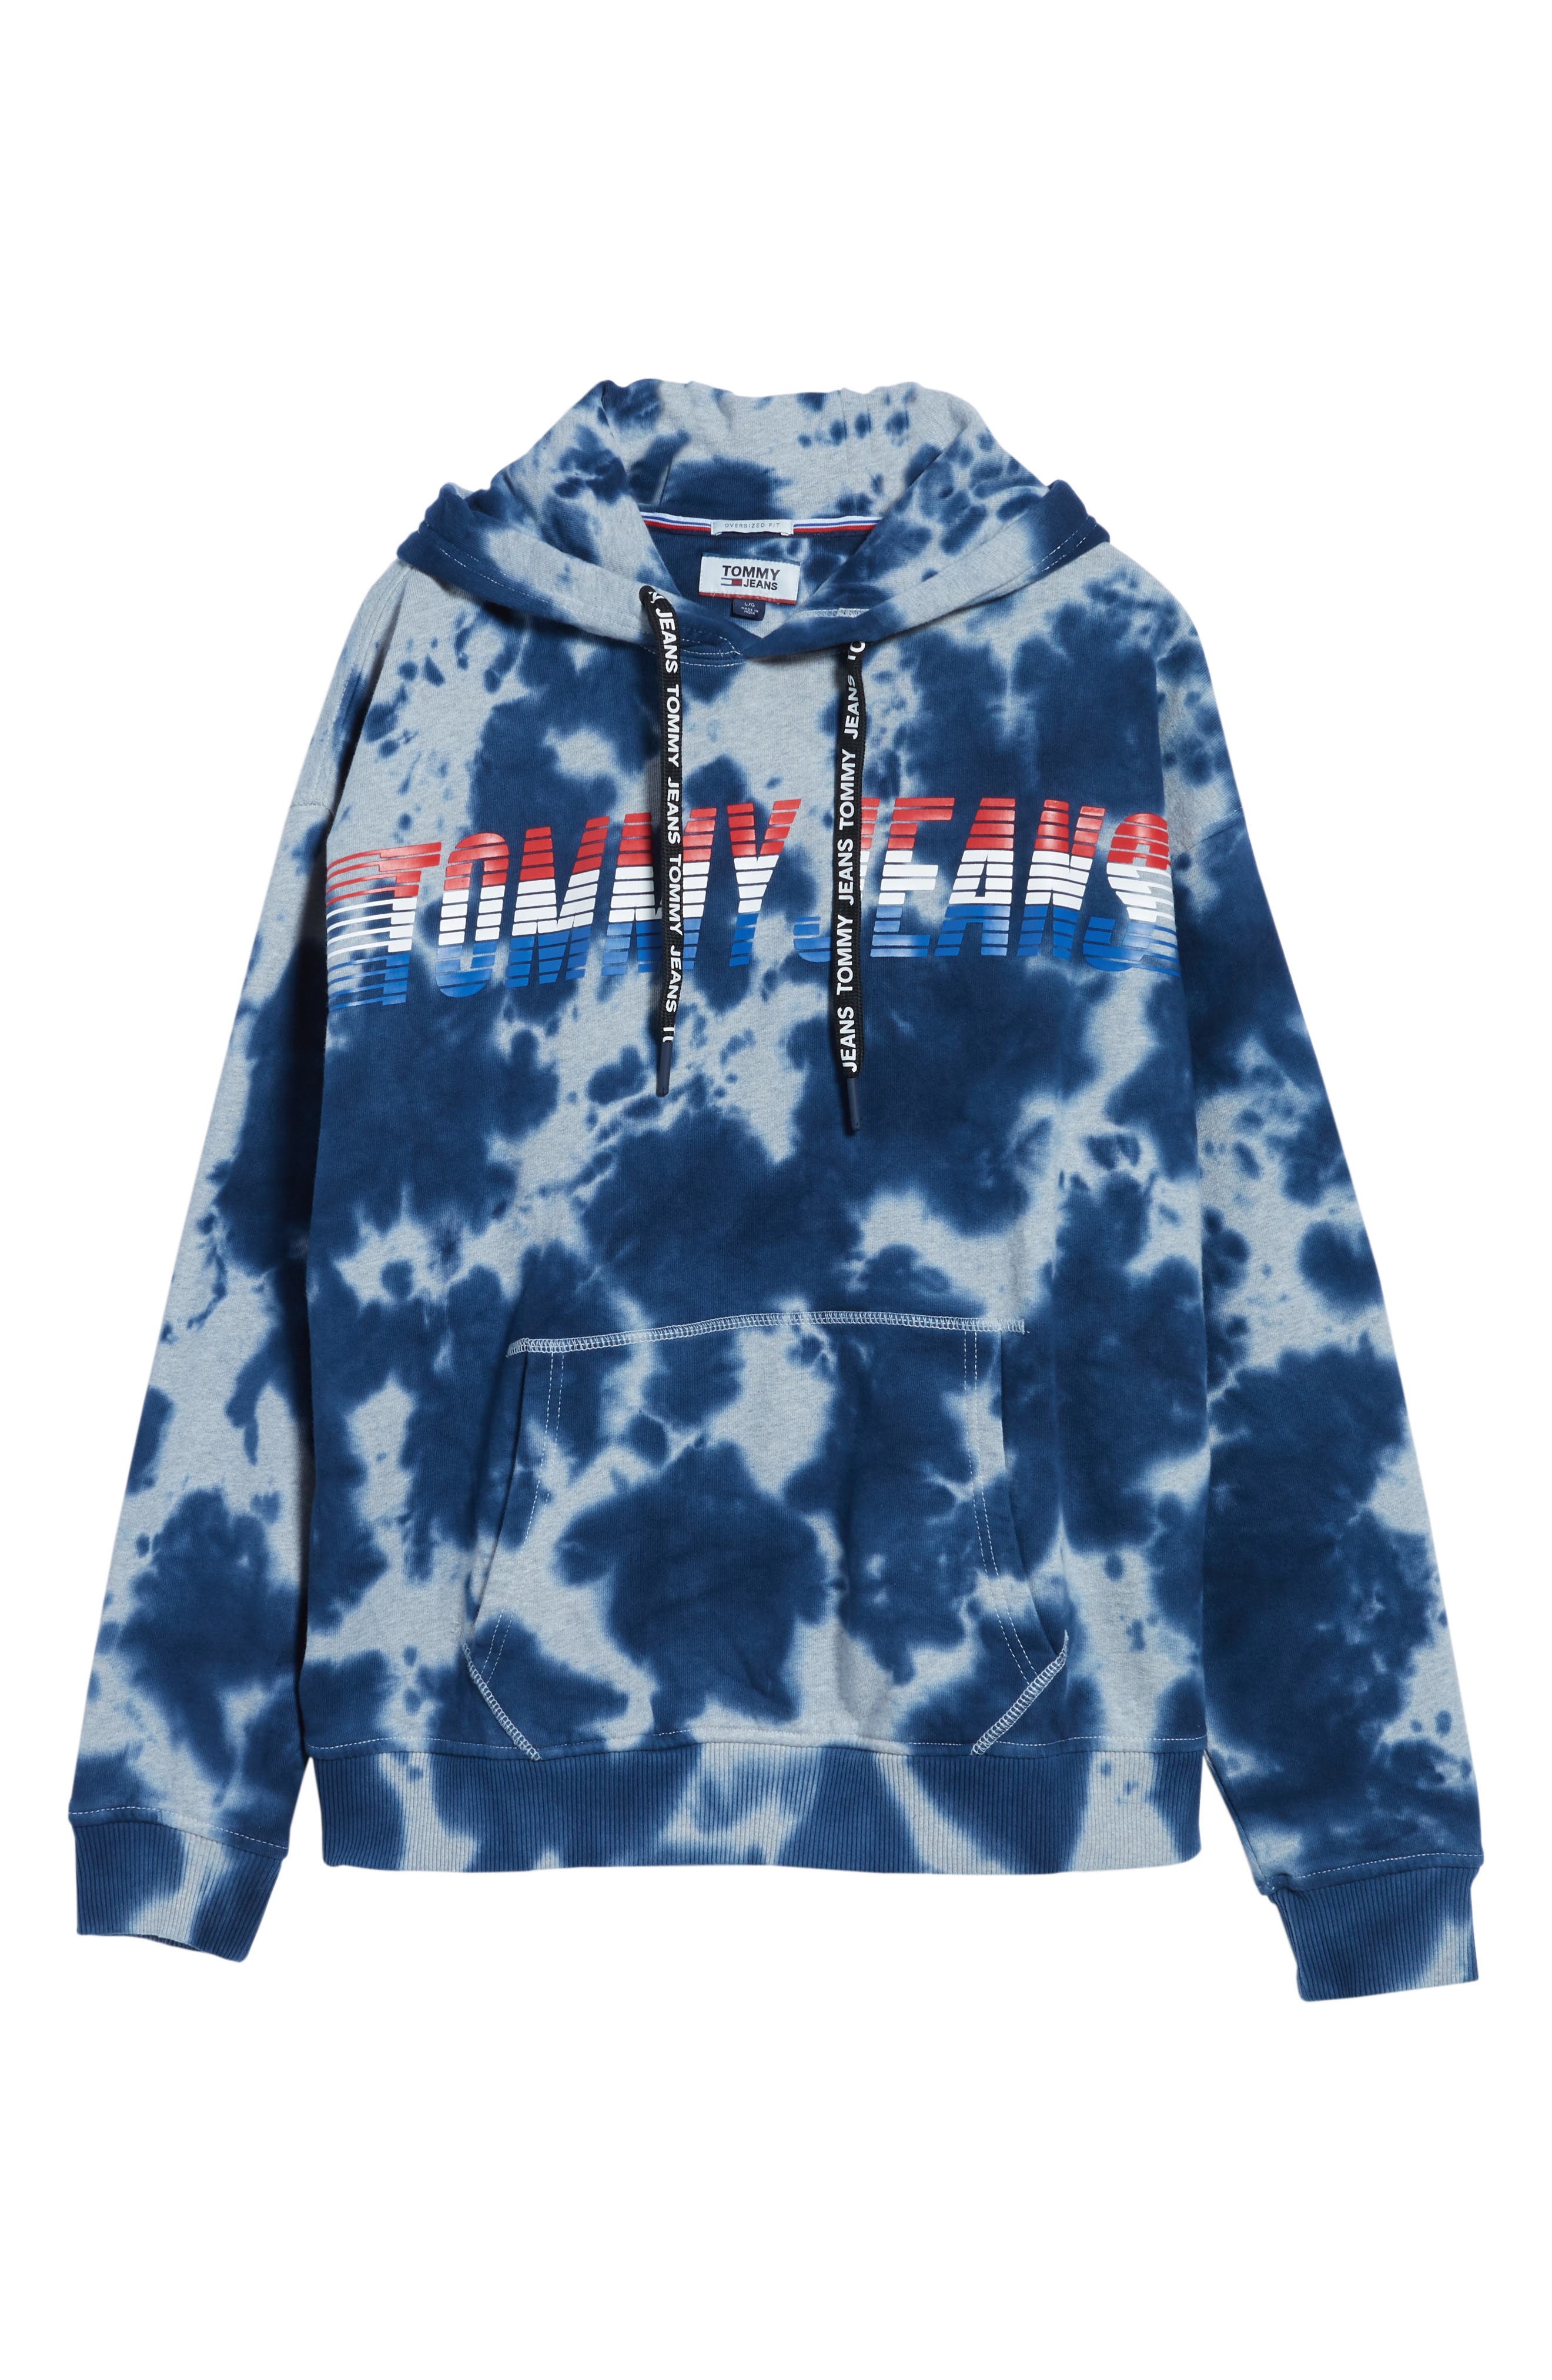 Vintage Dye Hoodie Sweatshirt,                             Alternate thumbnail 6, color,                             Light Grey Heather Tie Dye